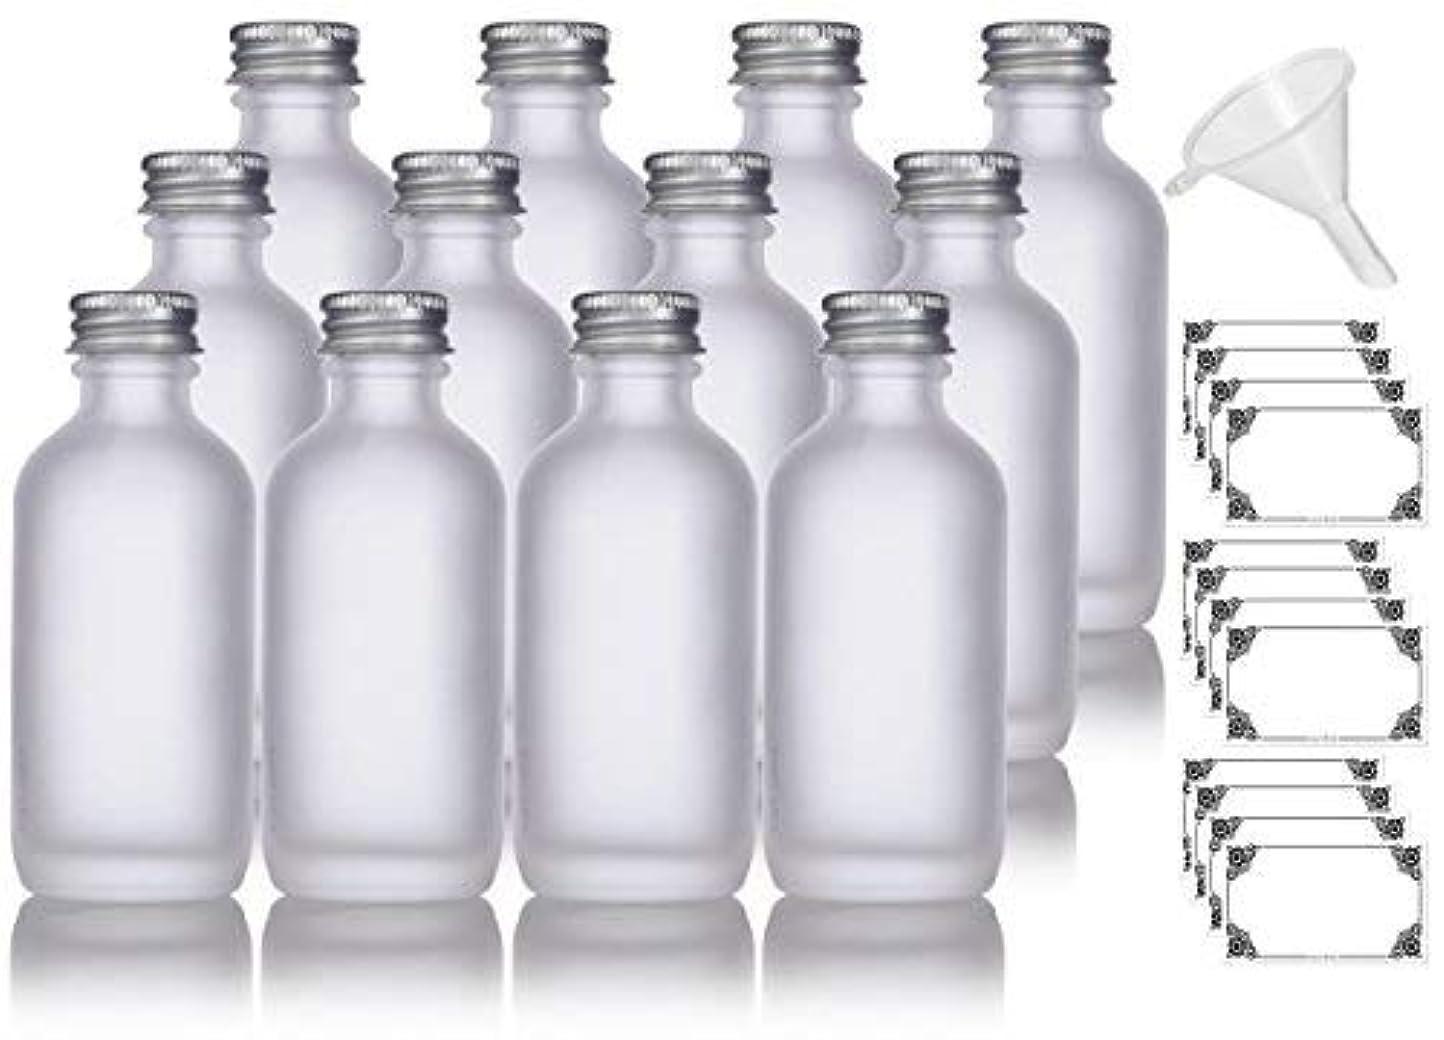 浴室一緒に悪質な2 oz Frosted Clear Glass Boston Round Silver Screw On Cap Bottle (12 pack) + Funnel and Labels for cosmetics,...